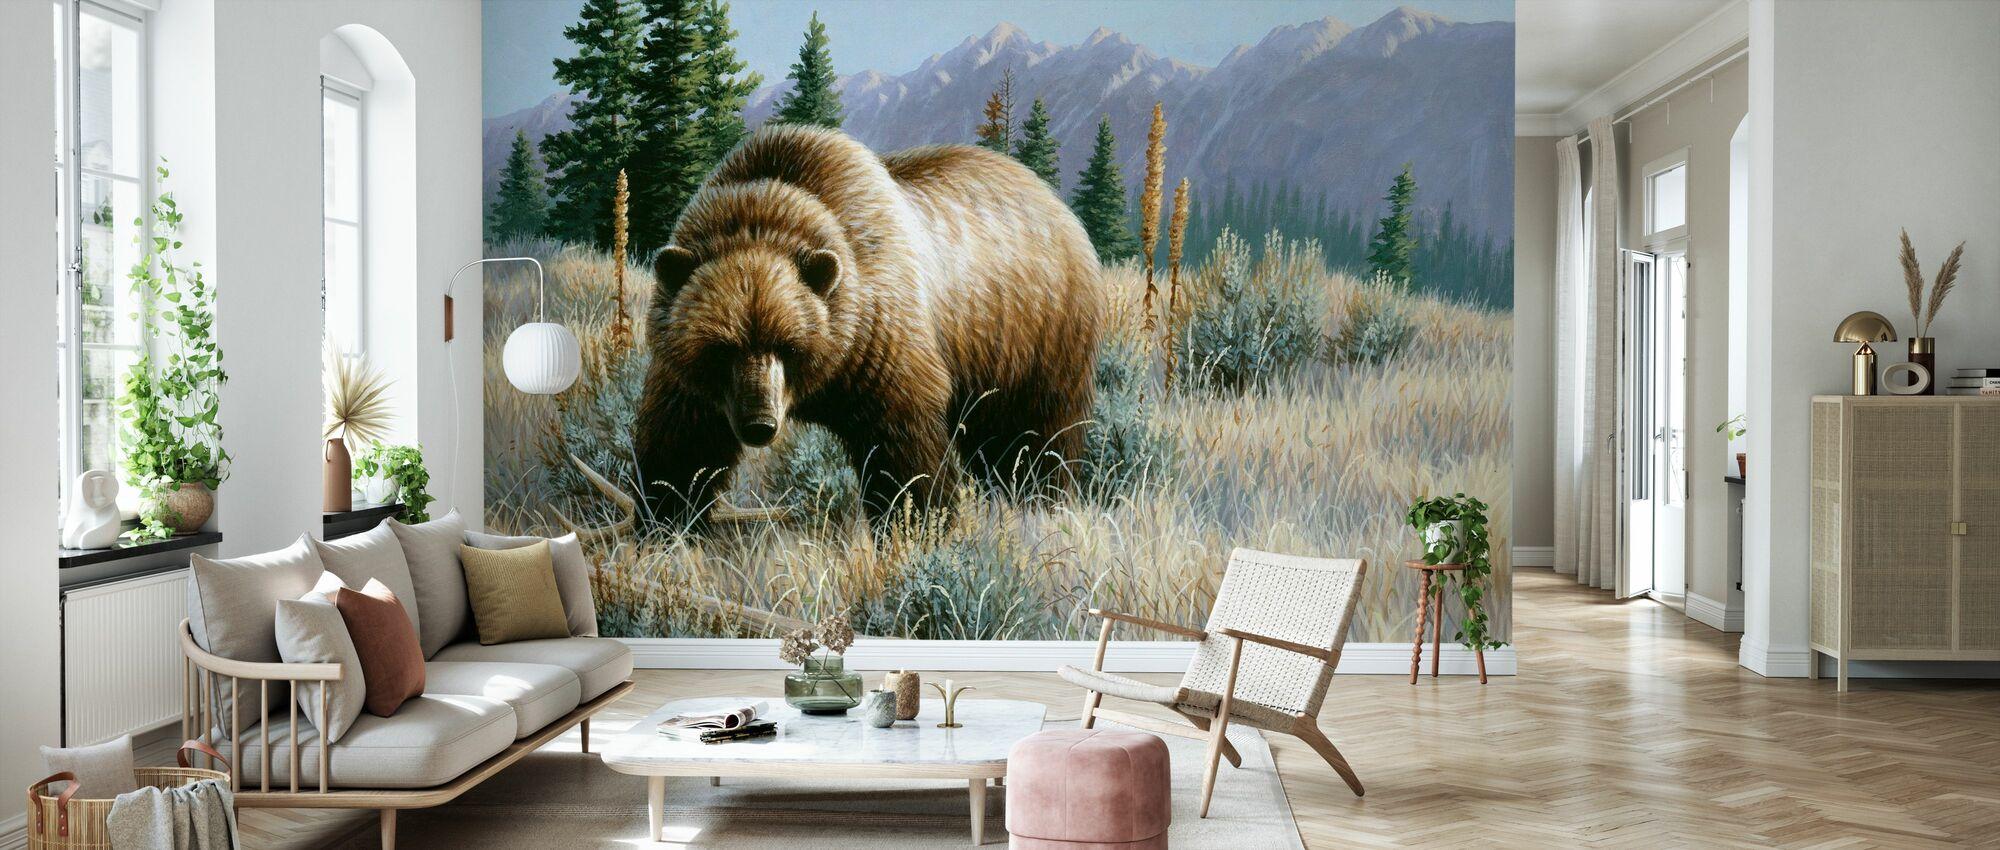 Small Griz - Wallpaper - Living Room